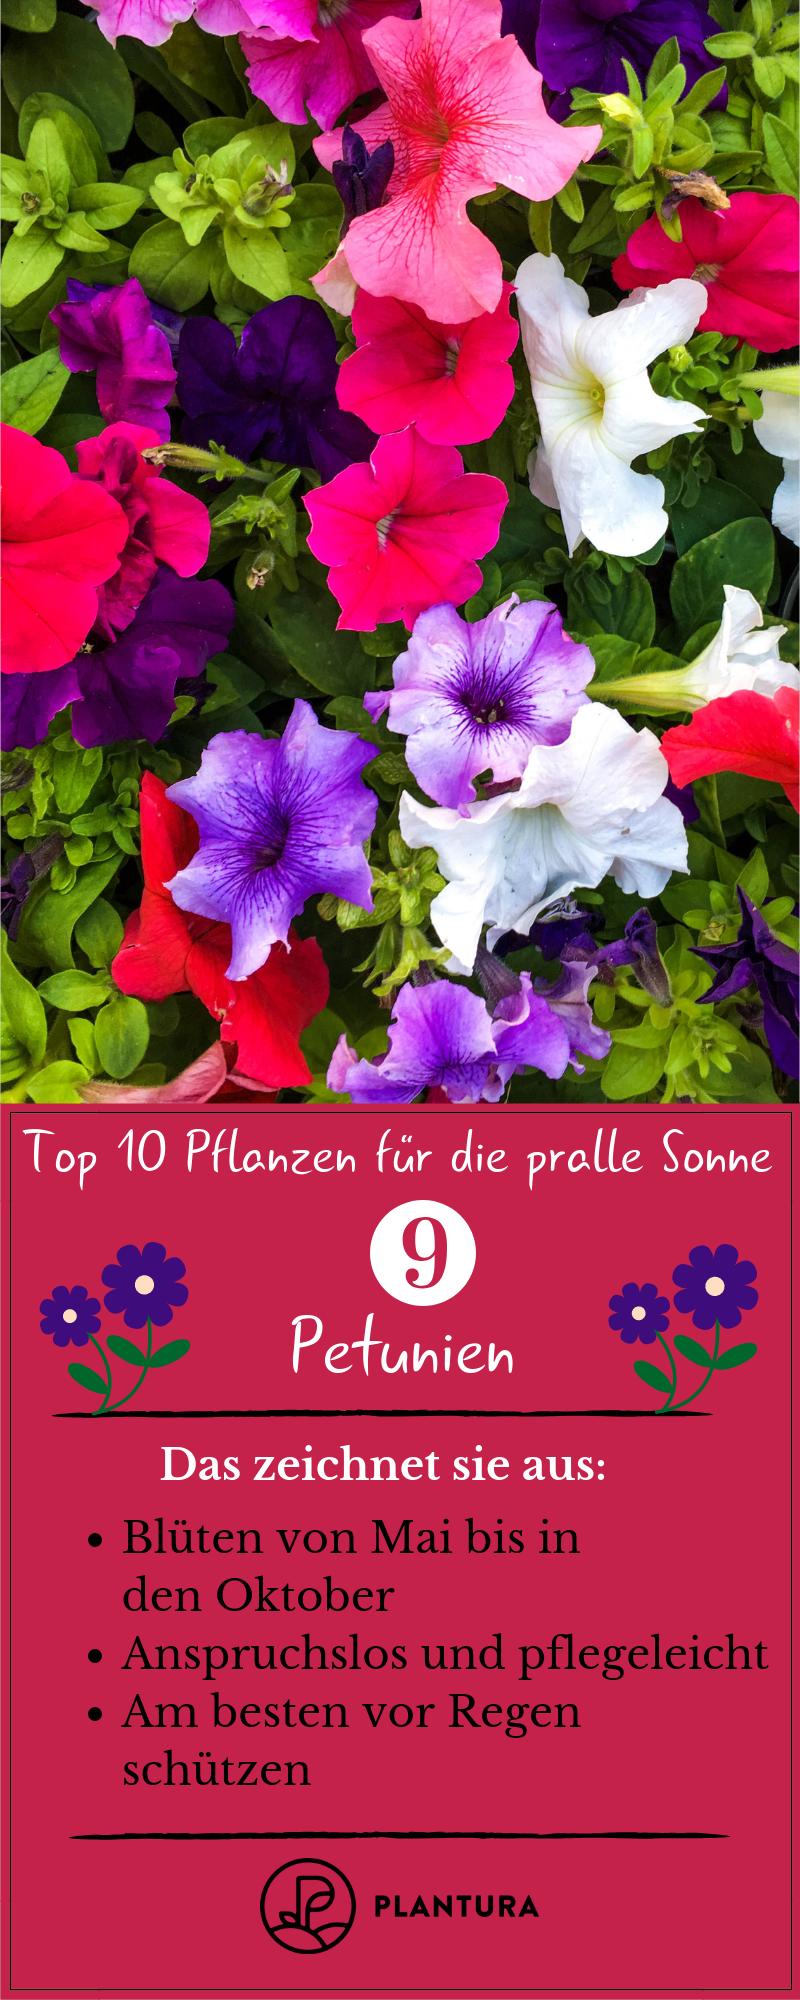 Pflanzen für die pralle Sonne: Die Top 10 für Garten & Balkon - Plantura